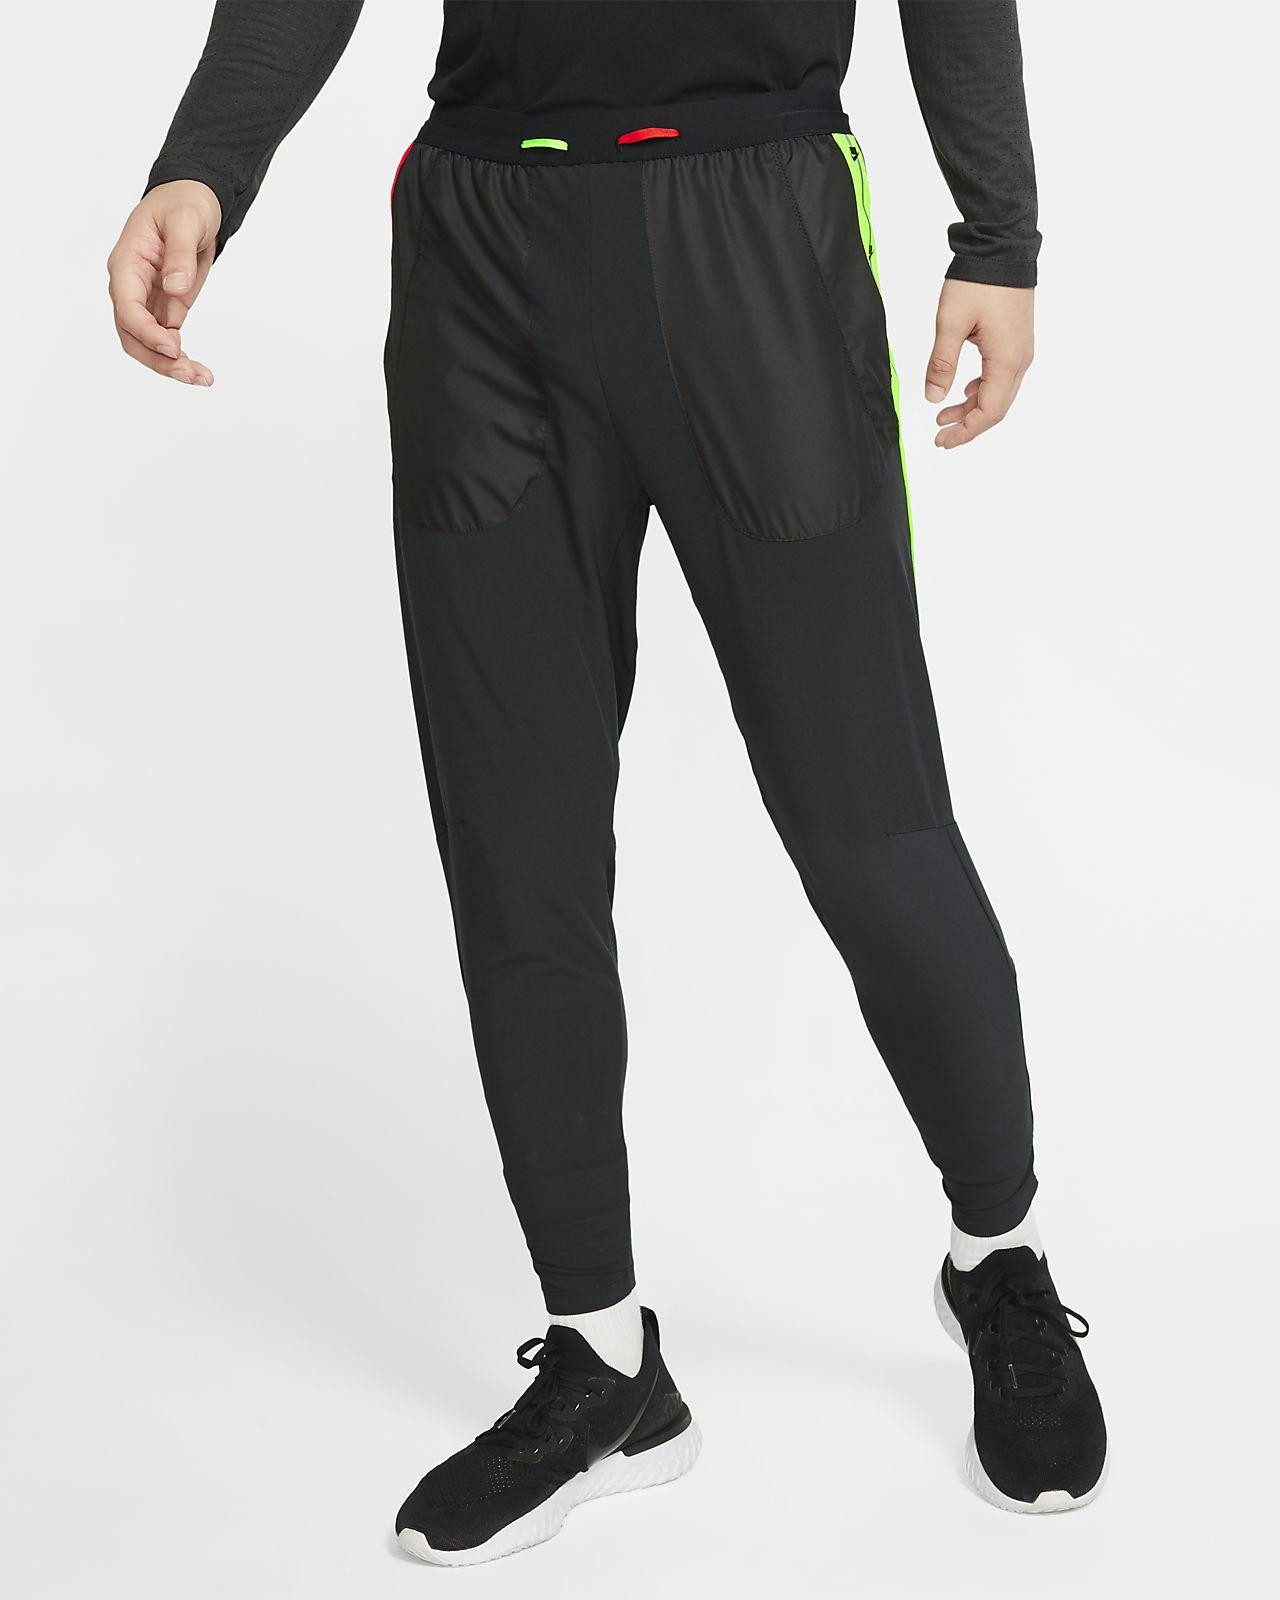 Calças de running Nike Phenom Wild Run para homem